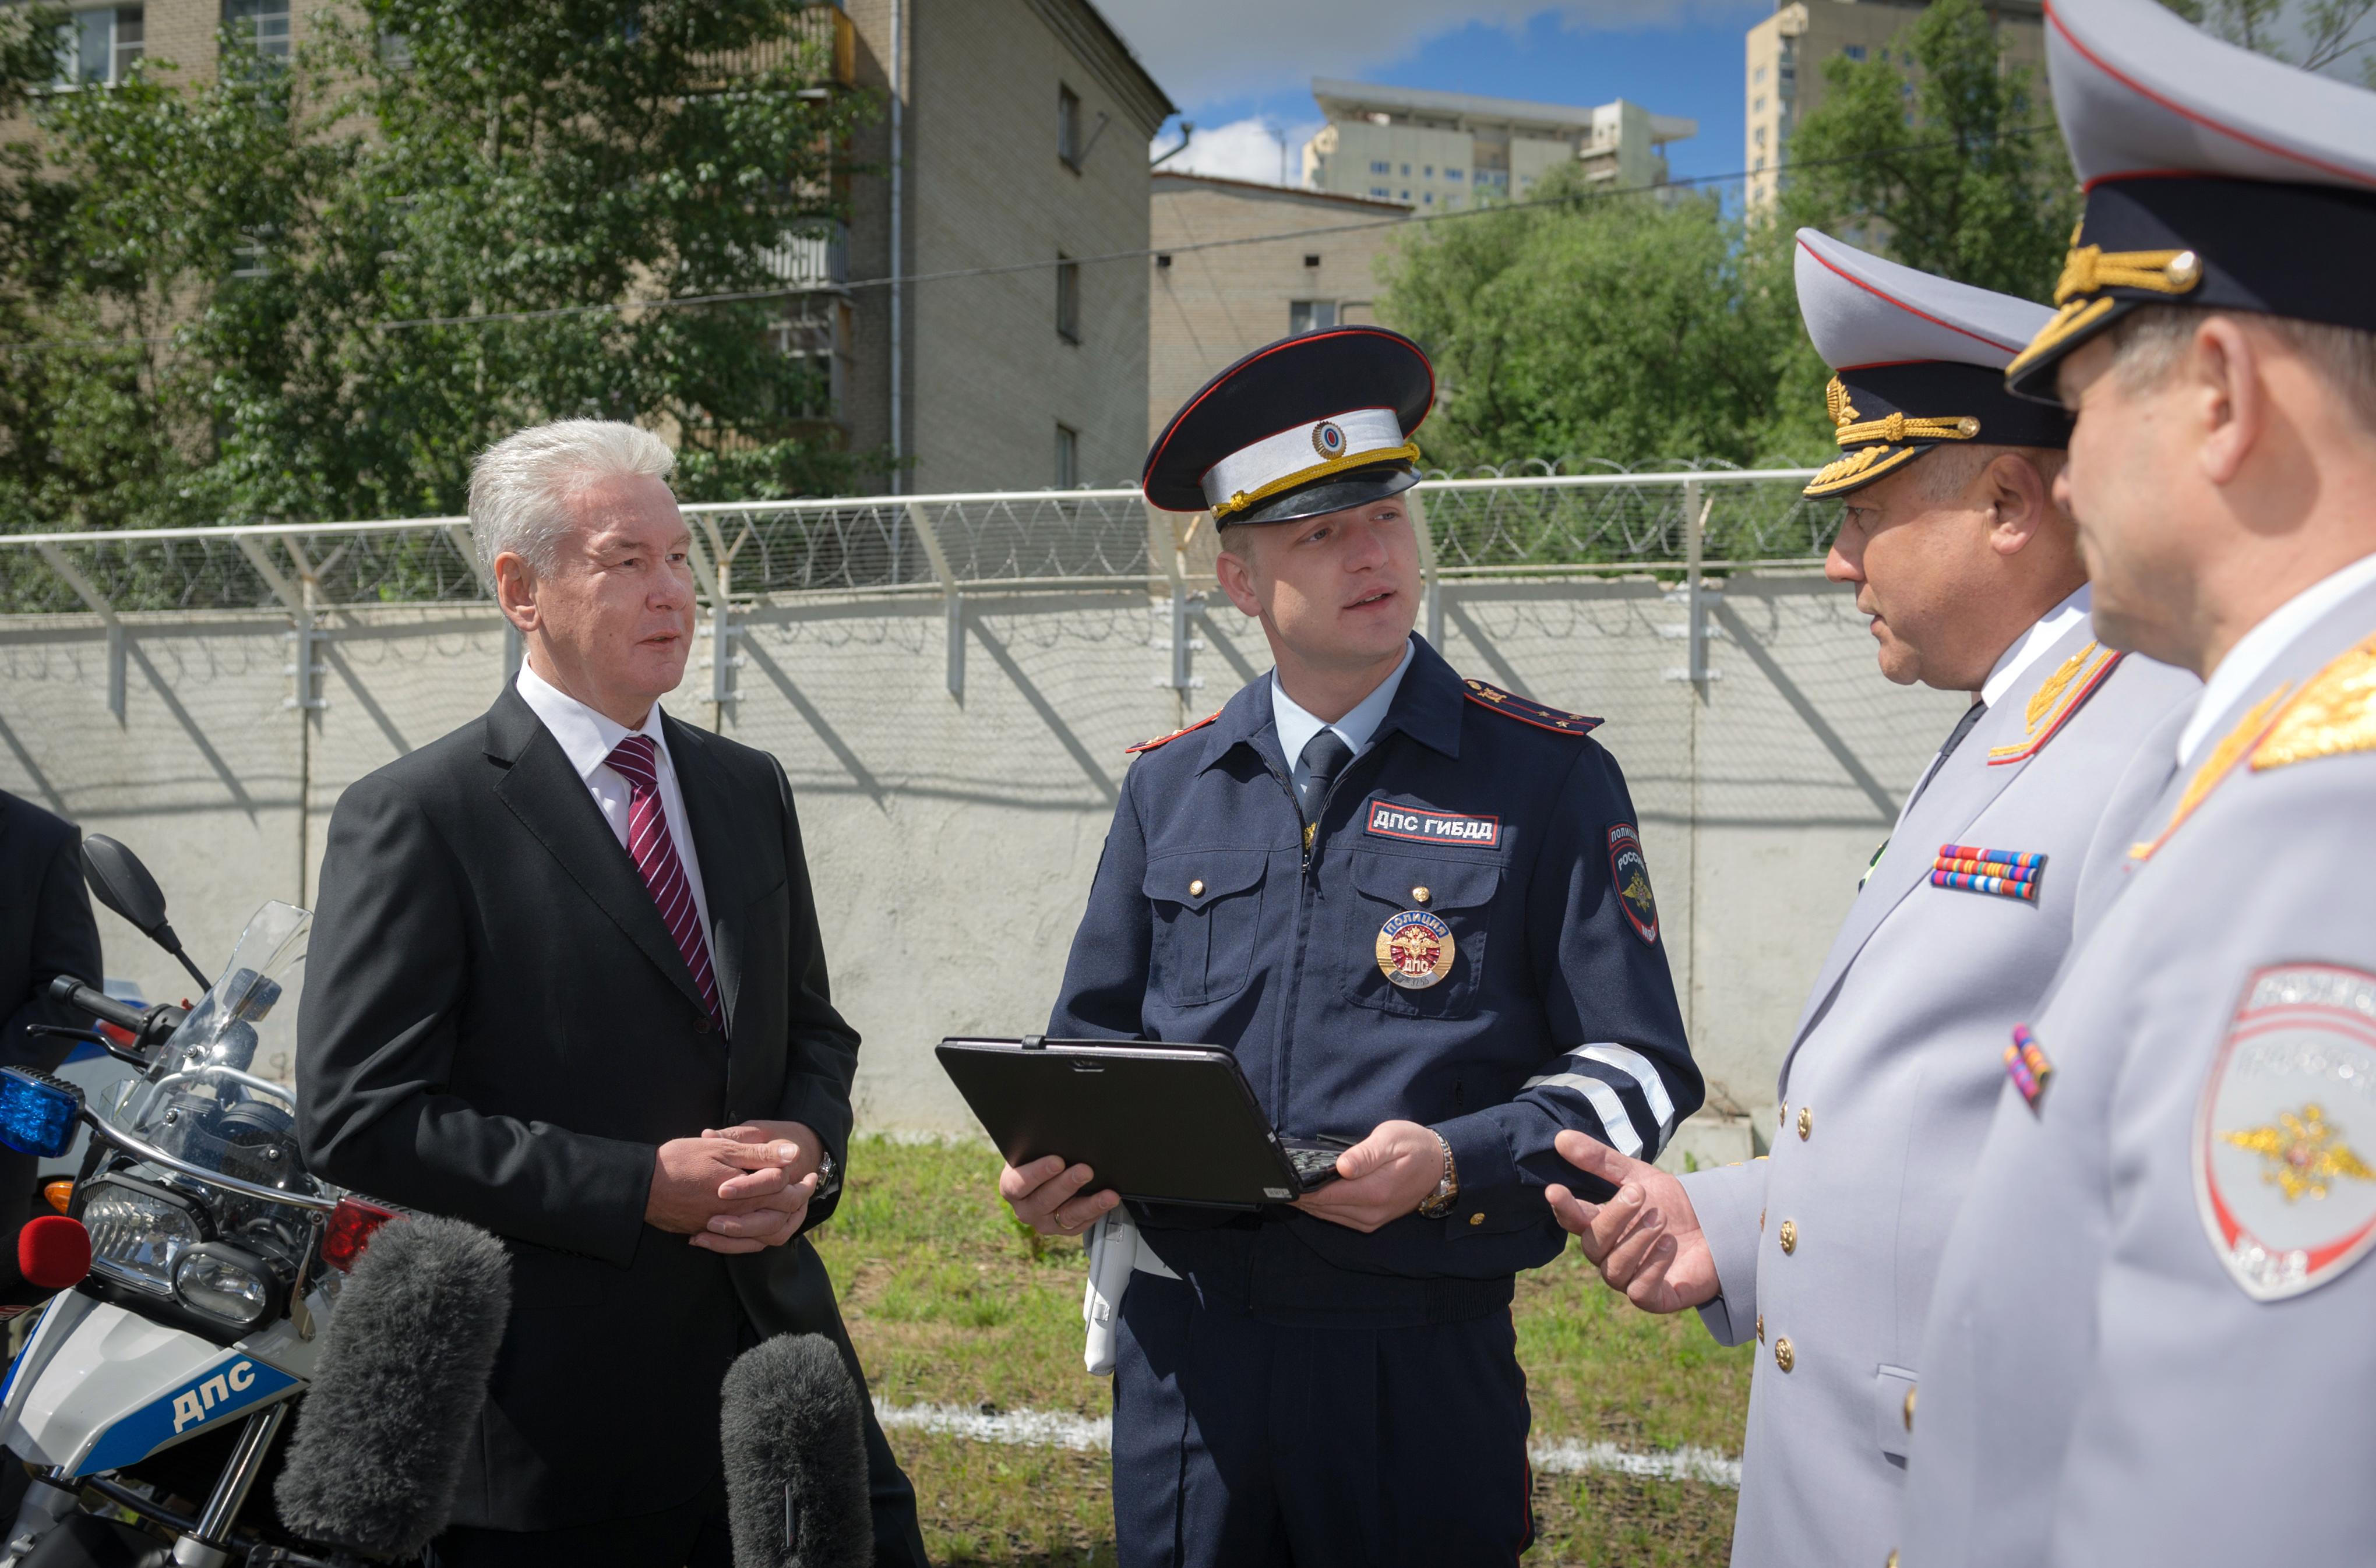 Сергей Собянин во время вручения комплексов «Мобильный инспектор» сотрудникам ГИБДД